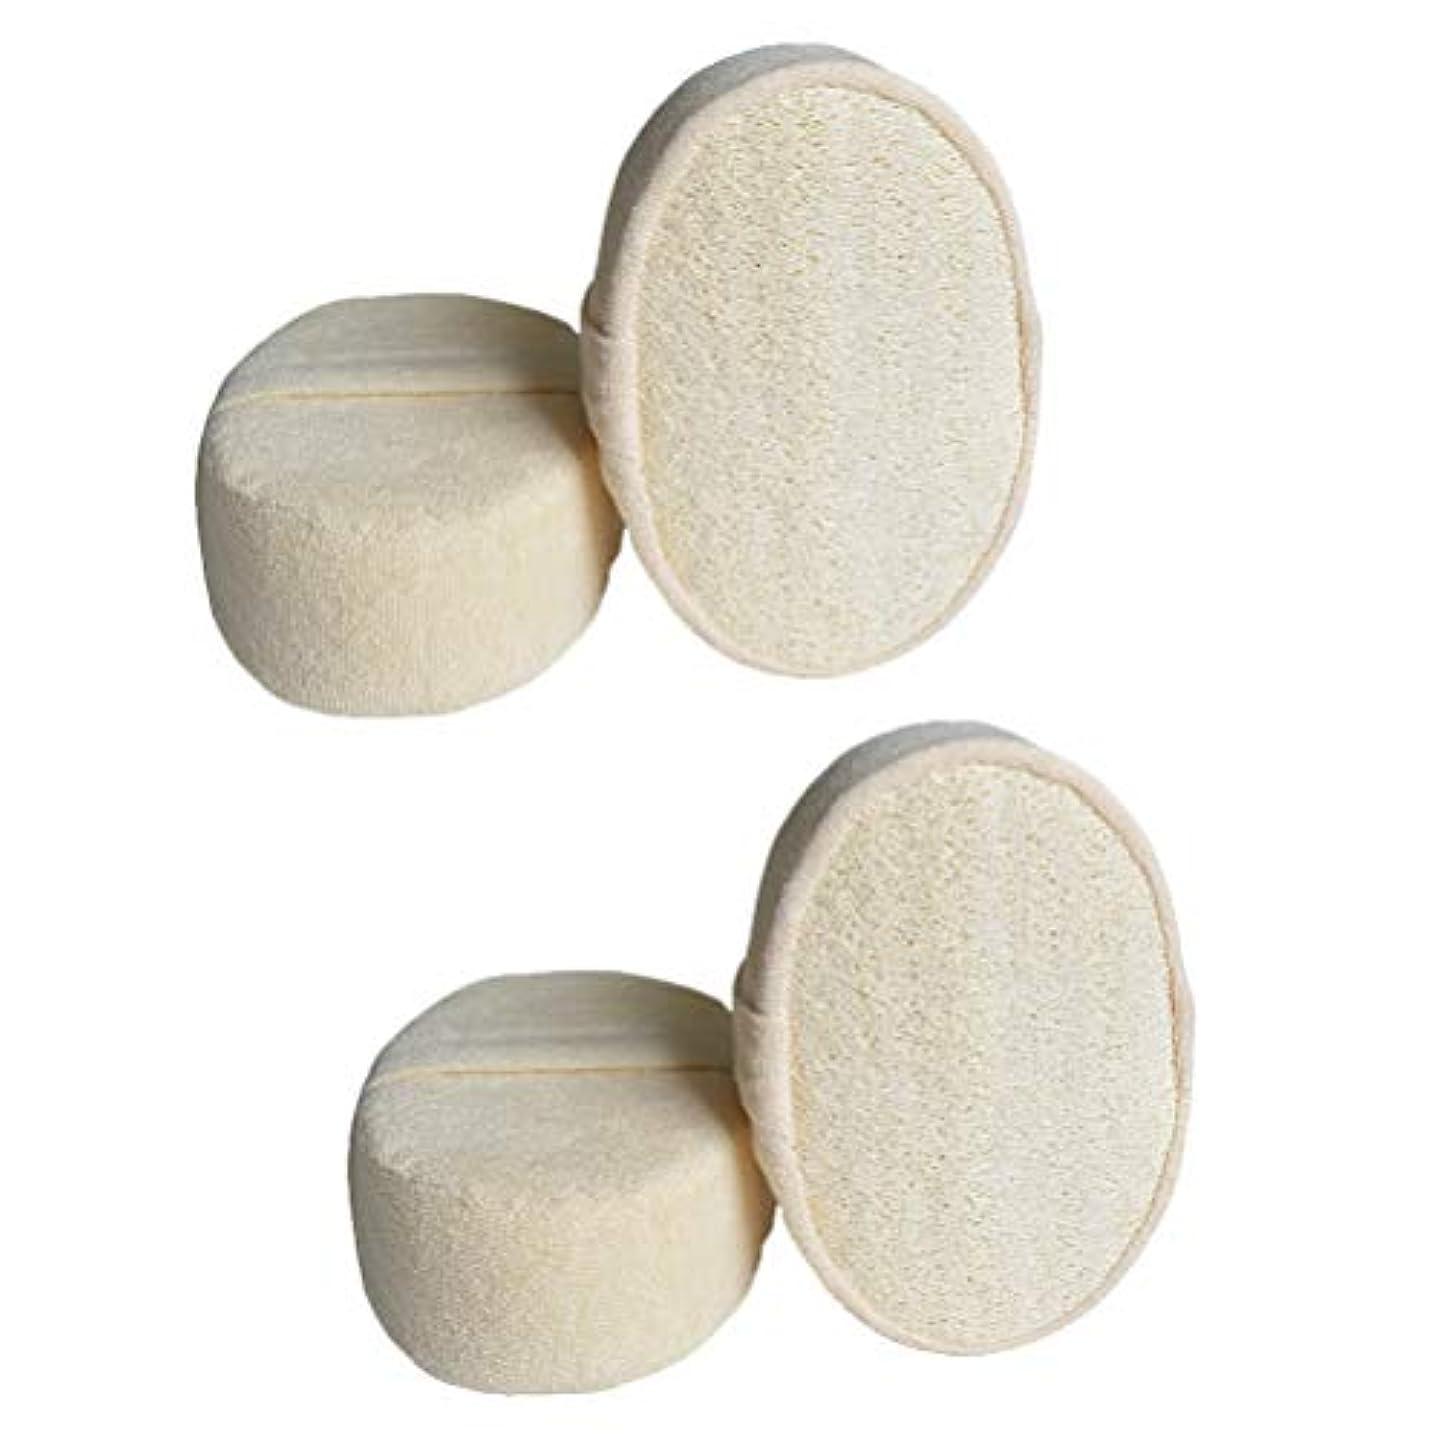 自分のランデブーバングラデシュHealifty 4ピース剥離剥離剤パッドloofaスポンジスクラバーブラシ用風呂スパシャワー